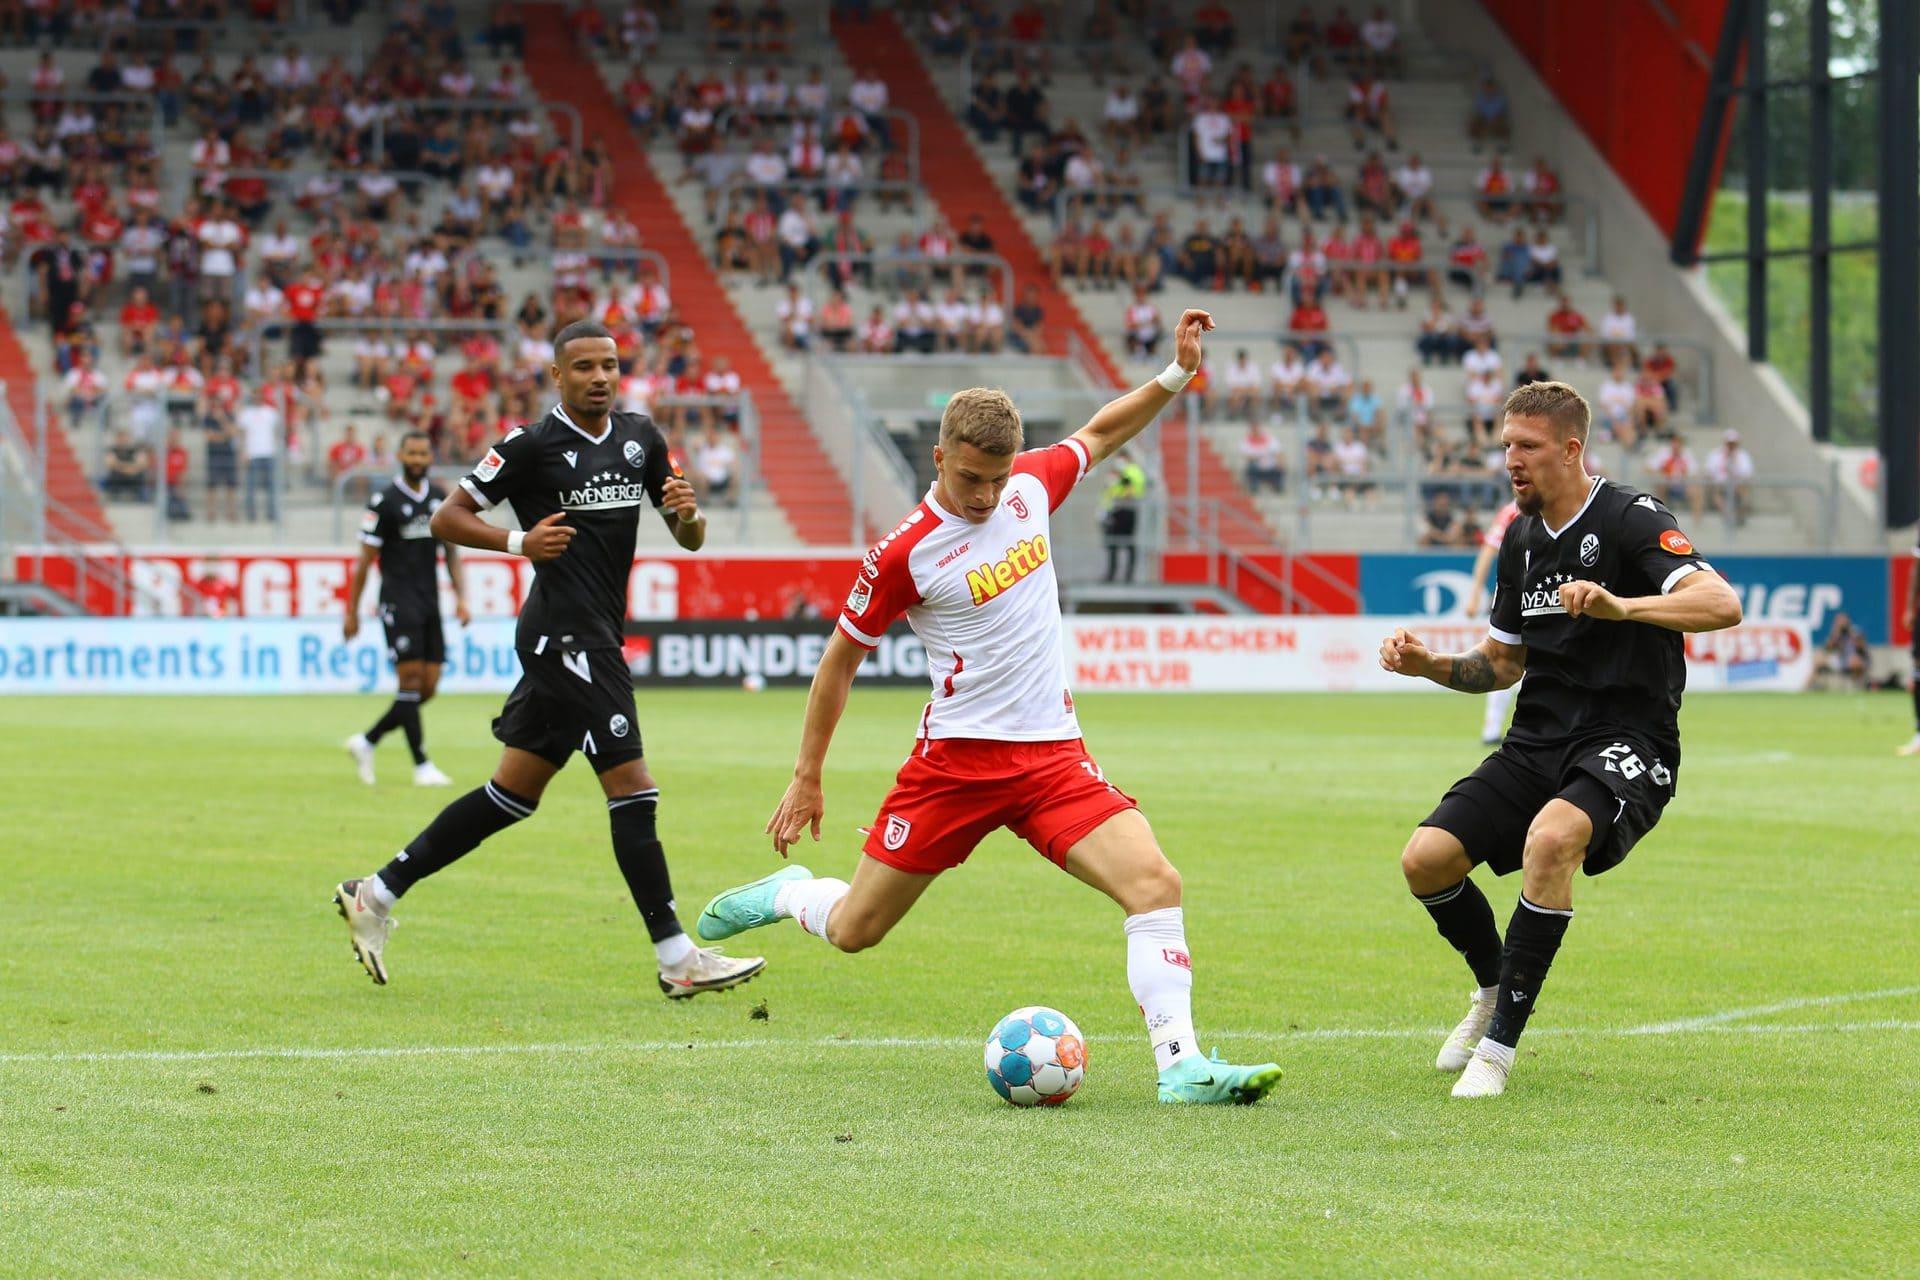 """Rot-weißer Tabellenführer trifft auf blau-weißen Liganeuling Während der """"kleine"""" Jahn derzeit alle überrascht, sucht der """"große"""" FC Schalke 04 noch seine Rolle."""